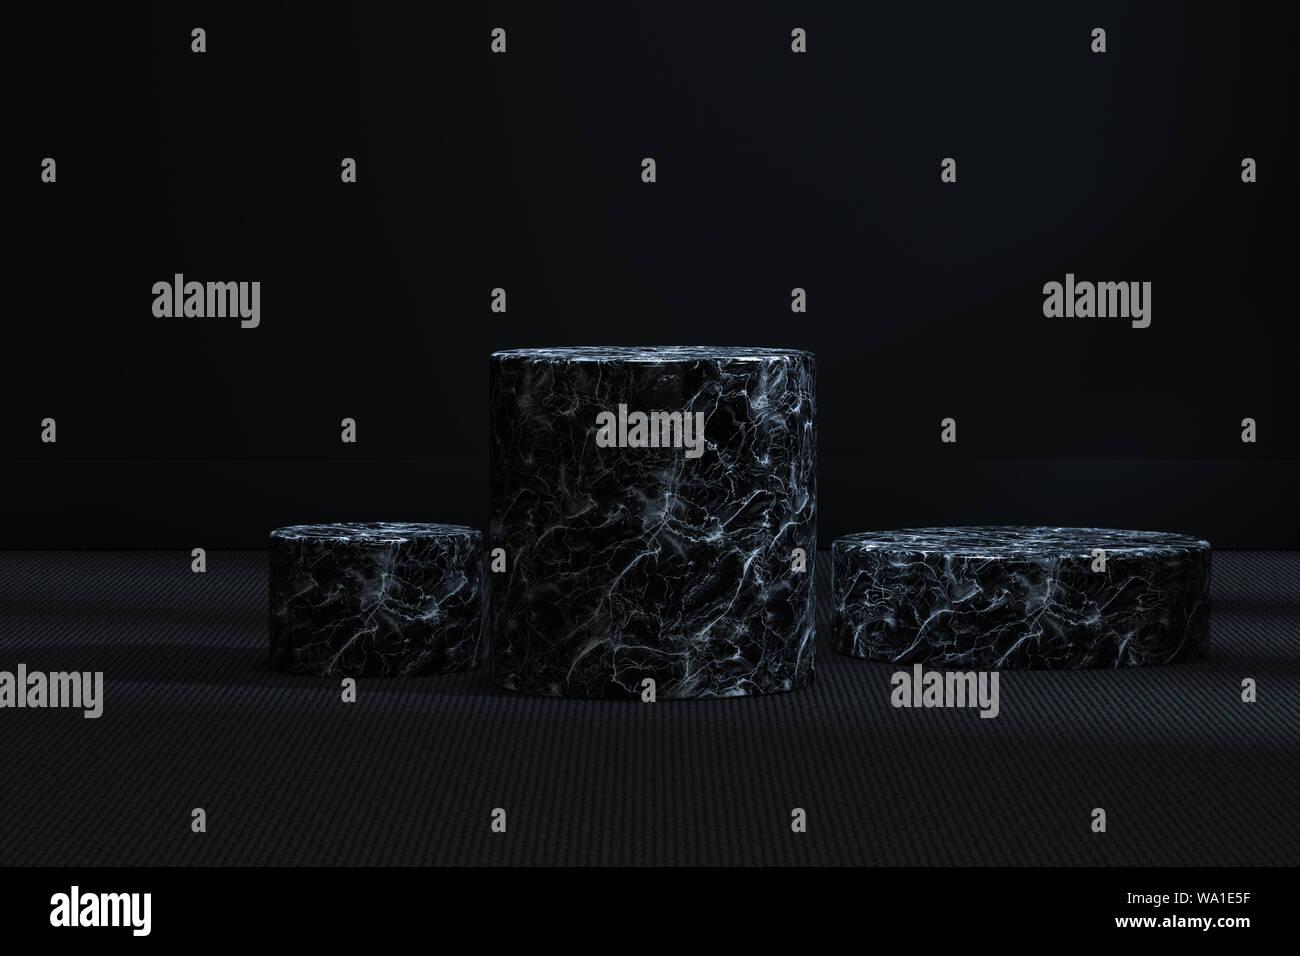 La plataforma de cilindro de mármol en el cuarto oscuro, 3D ...